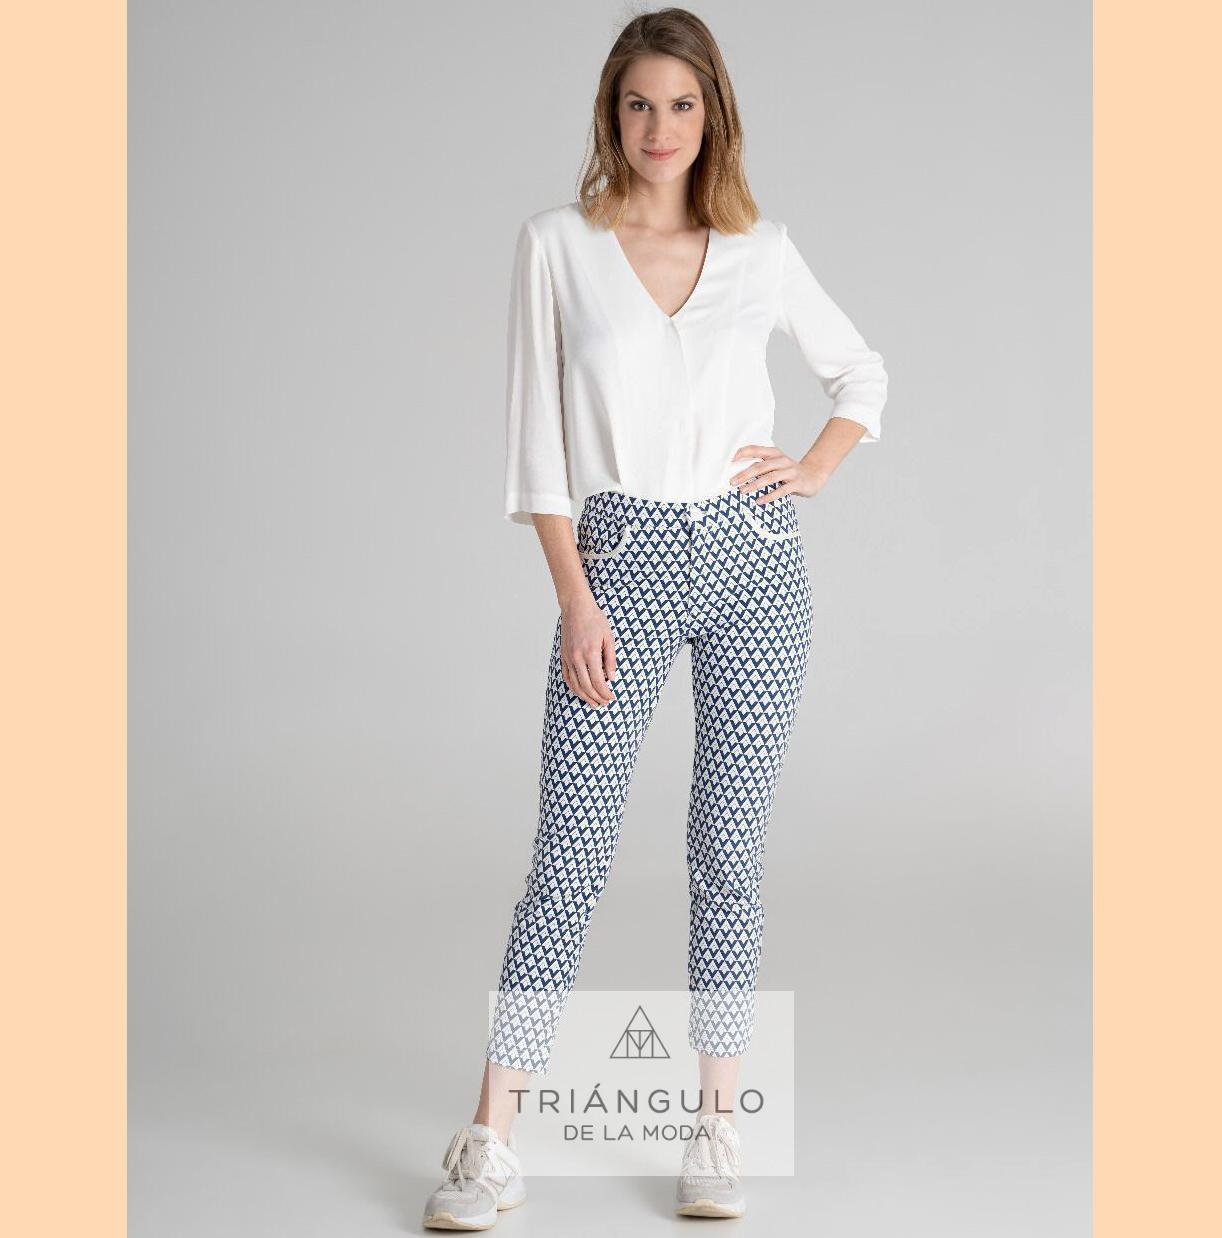 Tienda online del Triangulo de la Moda Pantalón Est.VIVOS YOULINE